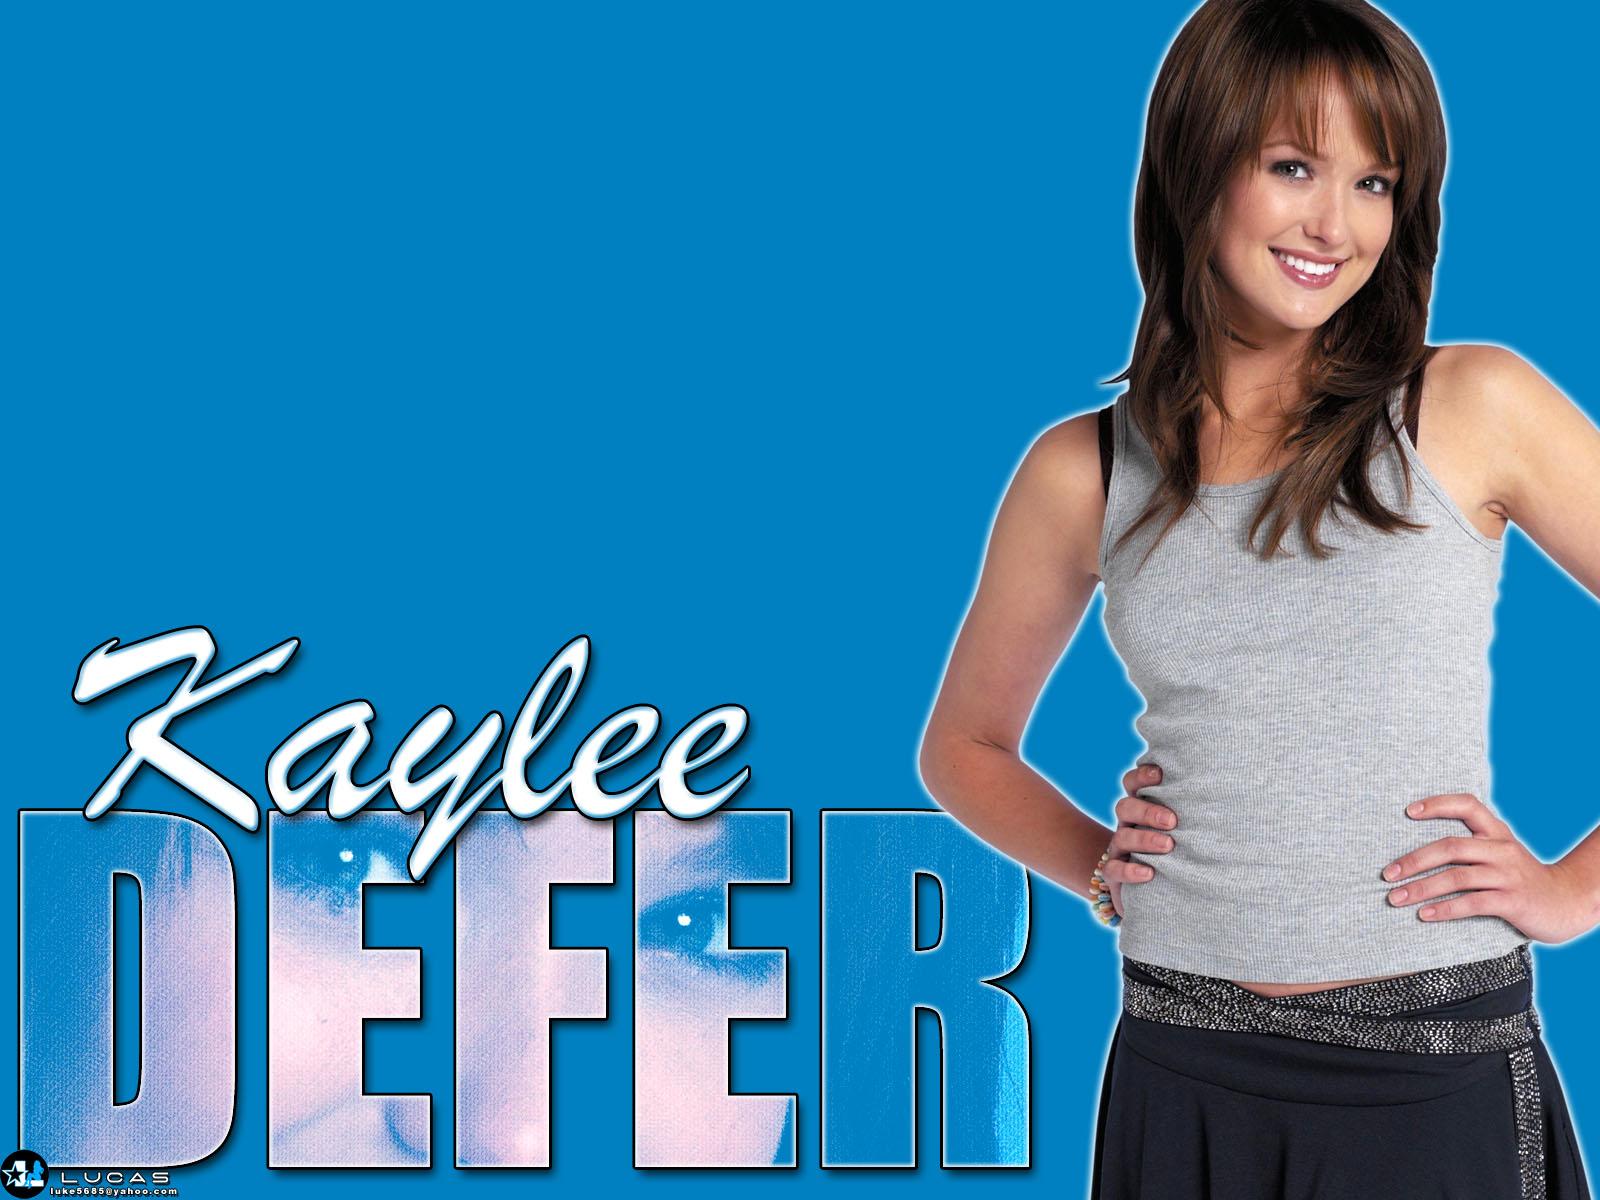 Kaylee defer 1